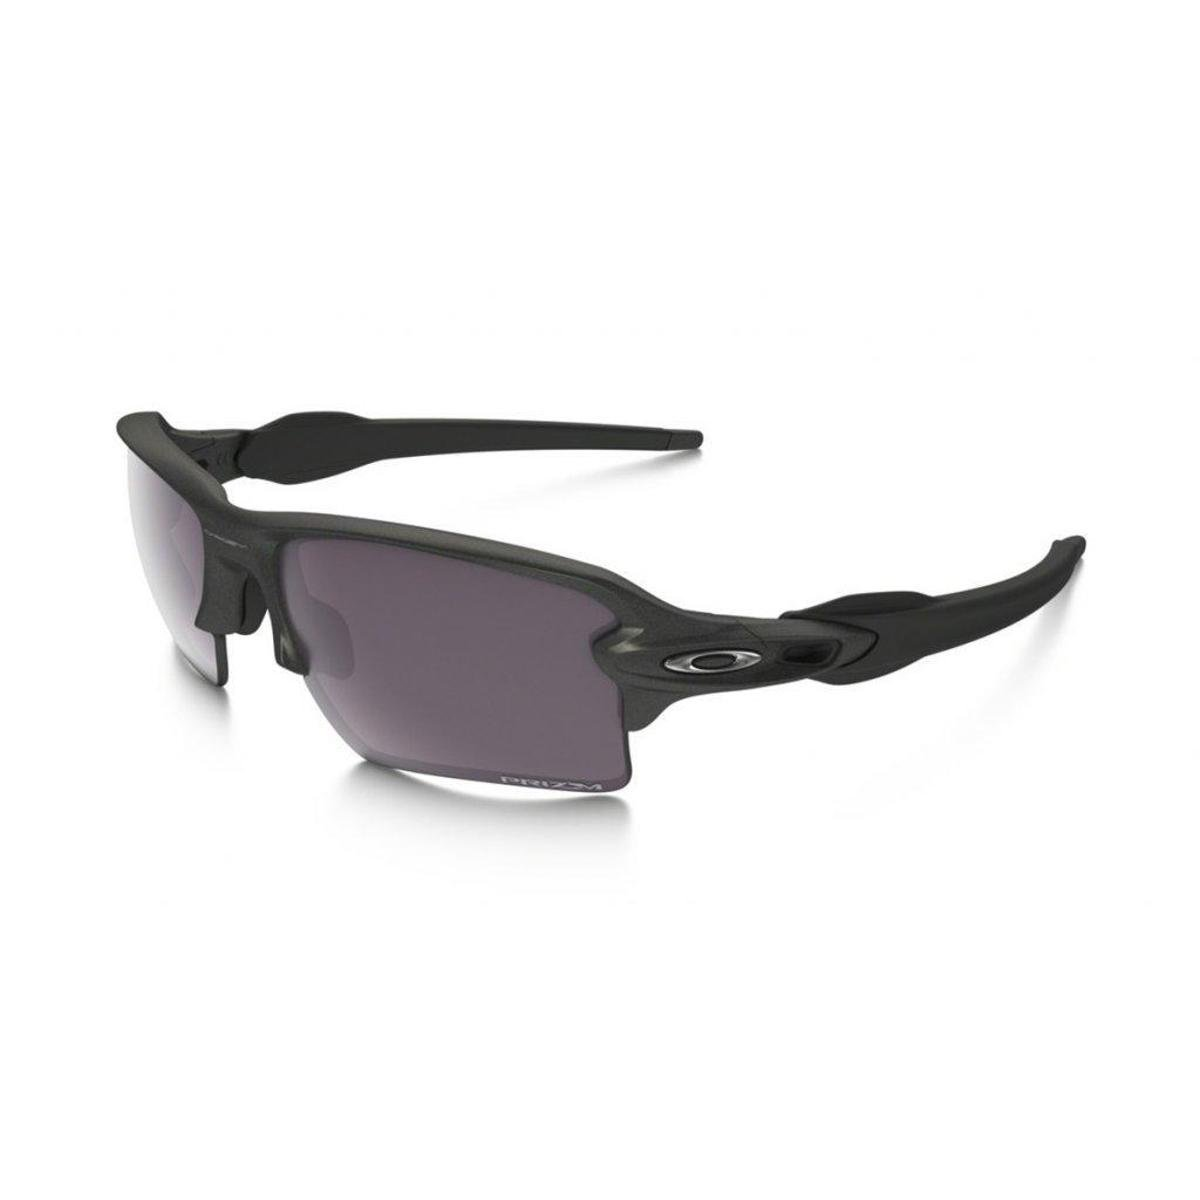 4f677b358c3ea Óculos Oakley Flak 2.0 XL Prizm Daily Polarized - Compre Agora   Netshoes